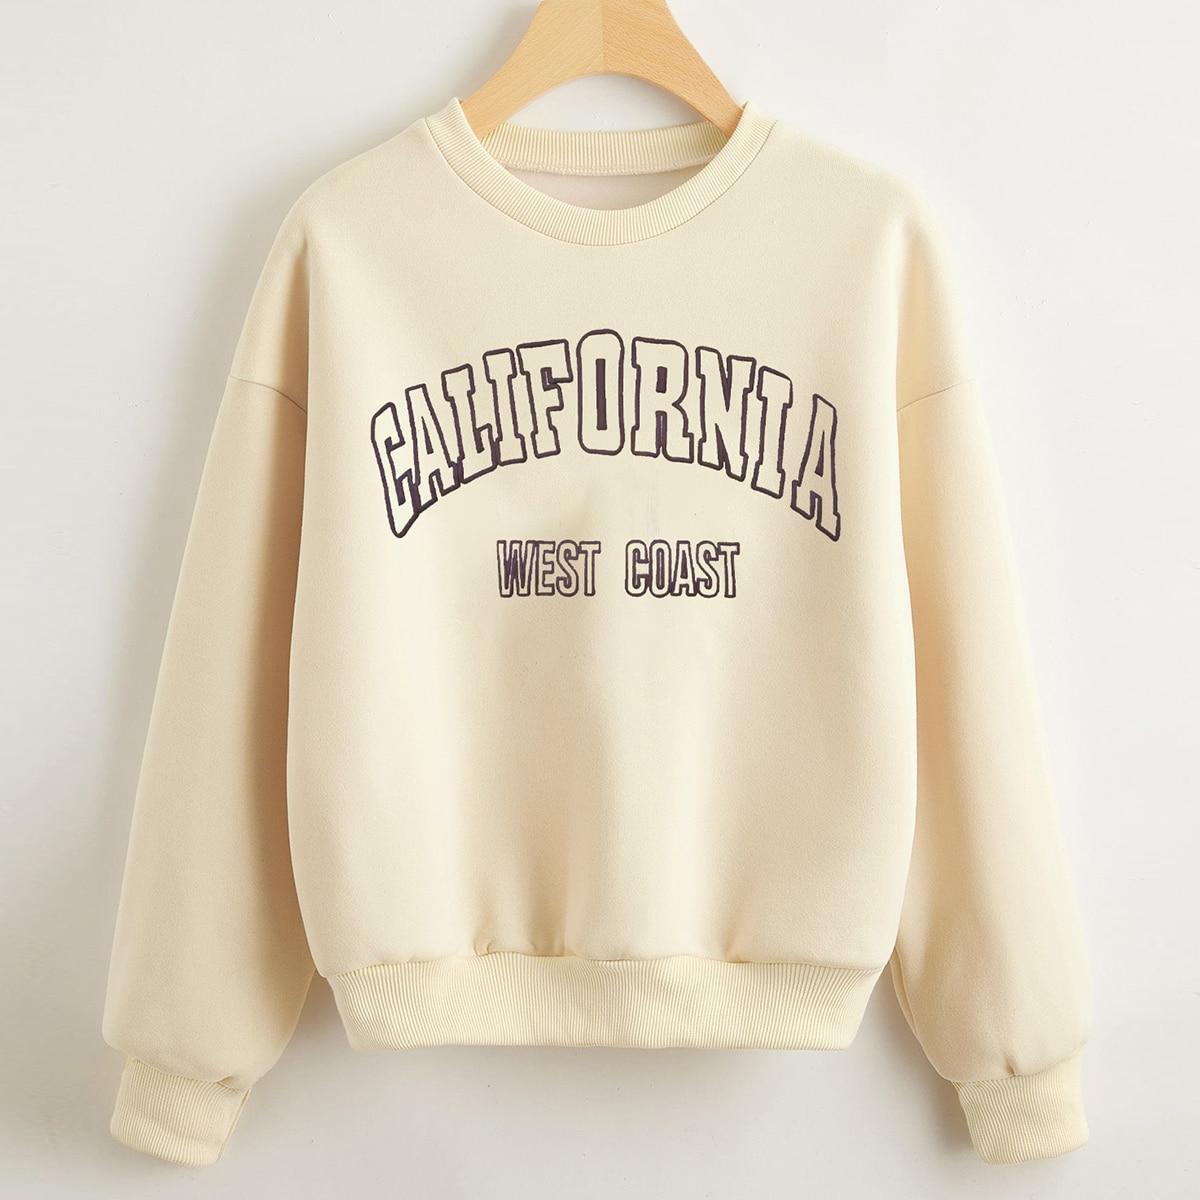 Термальный пуловер с текстовым принтом